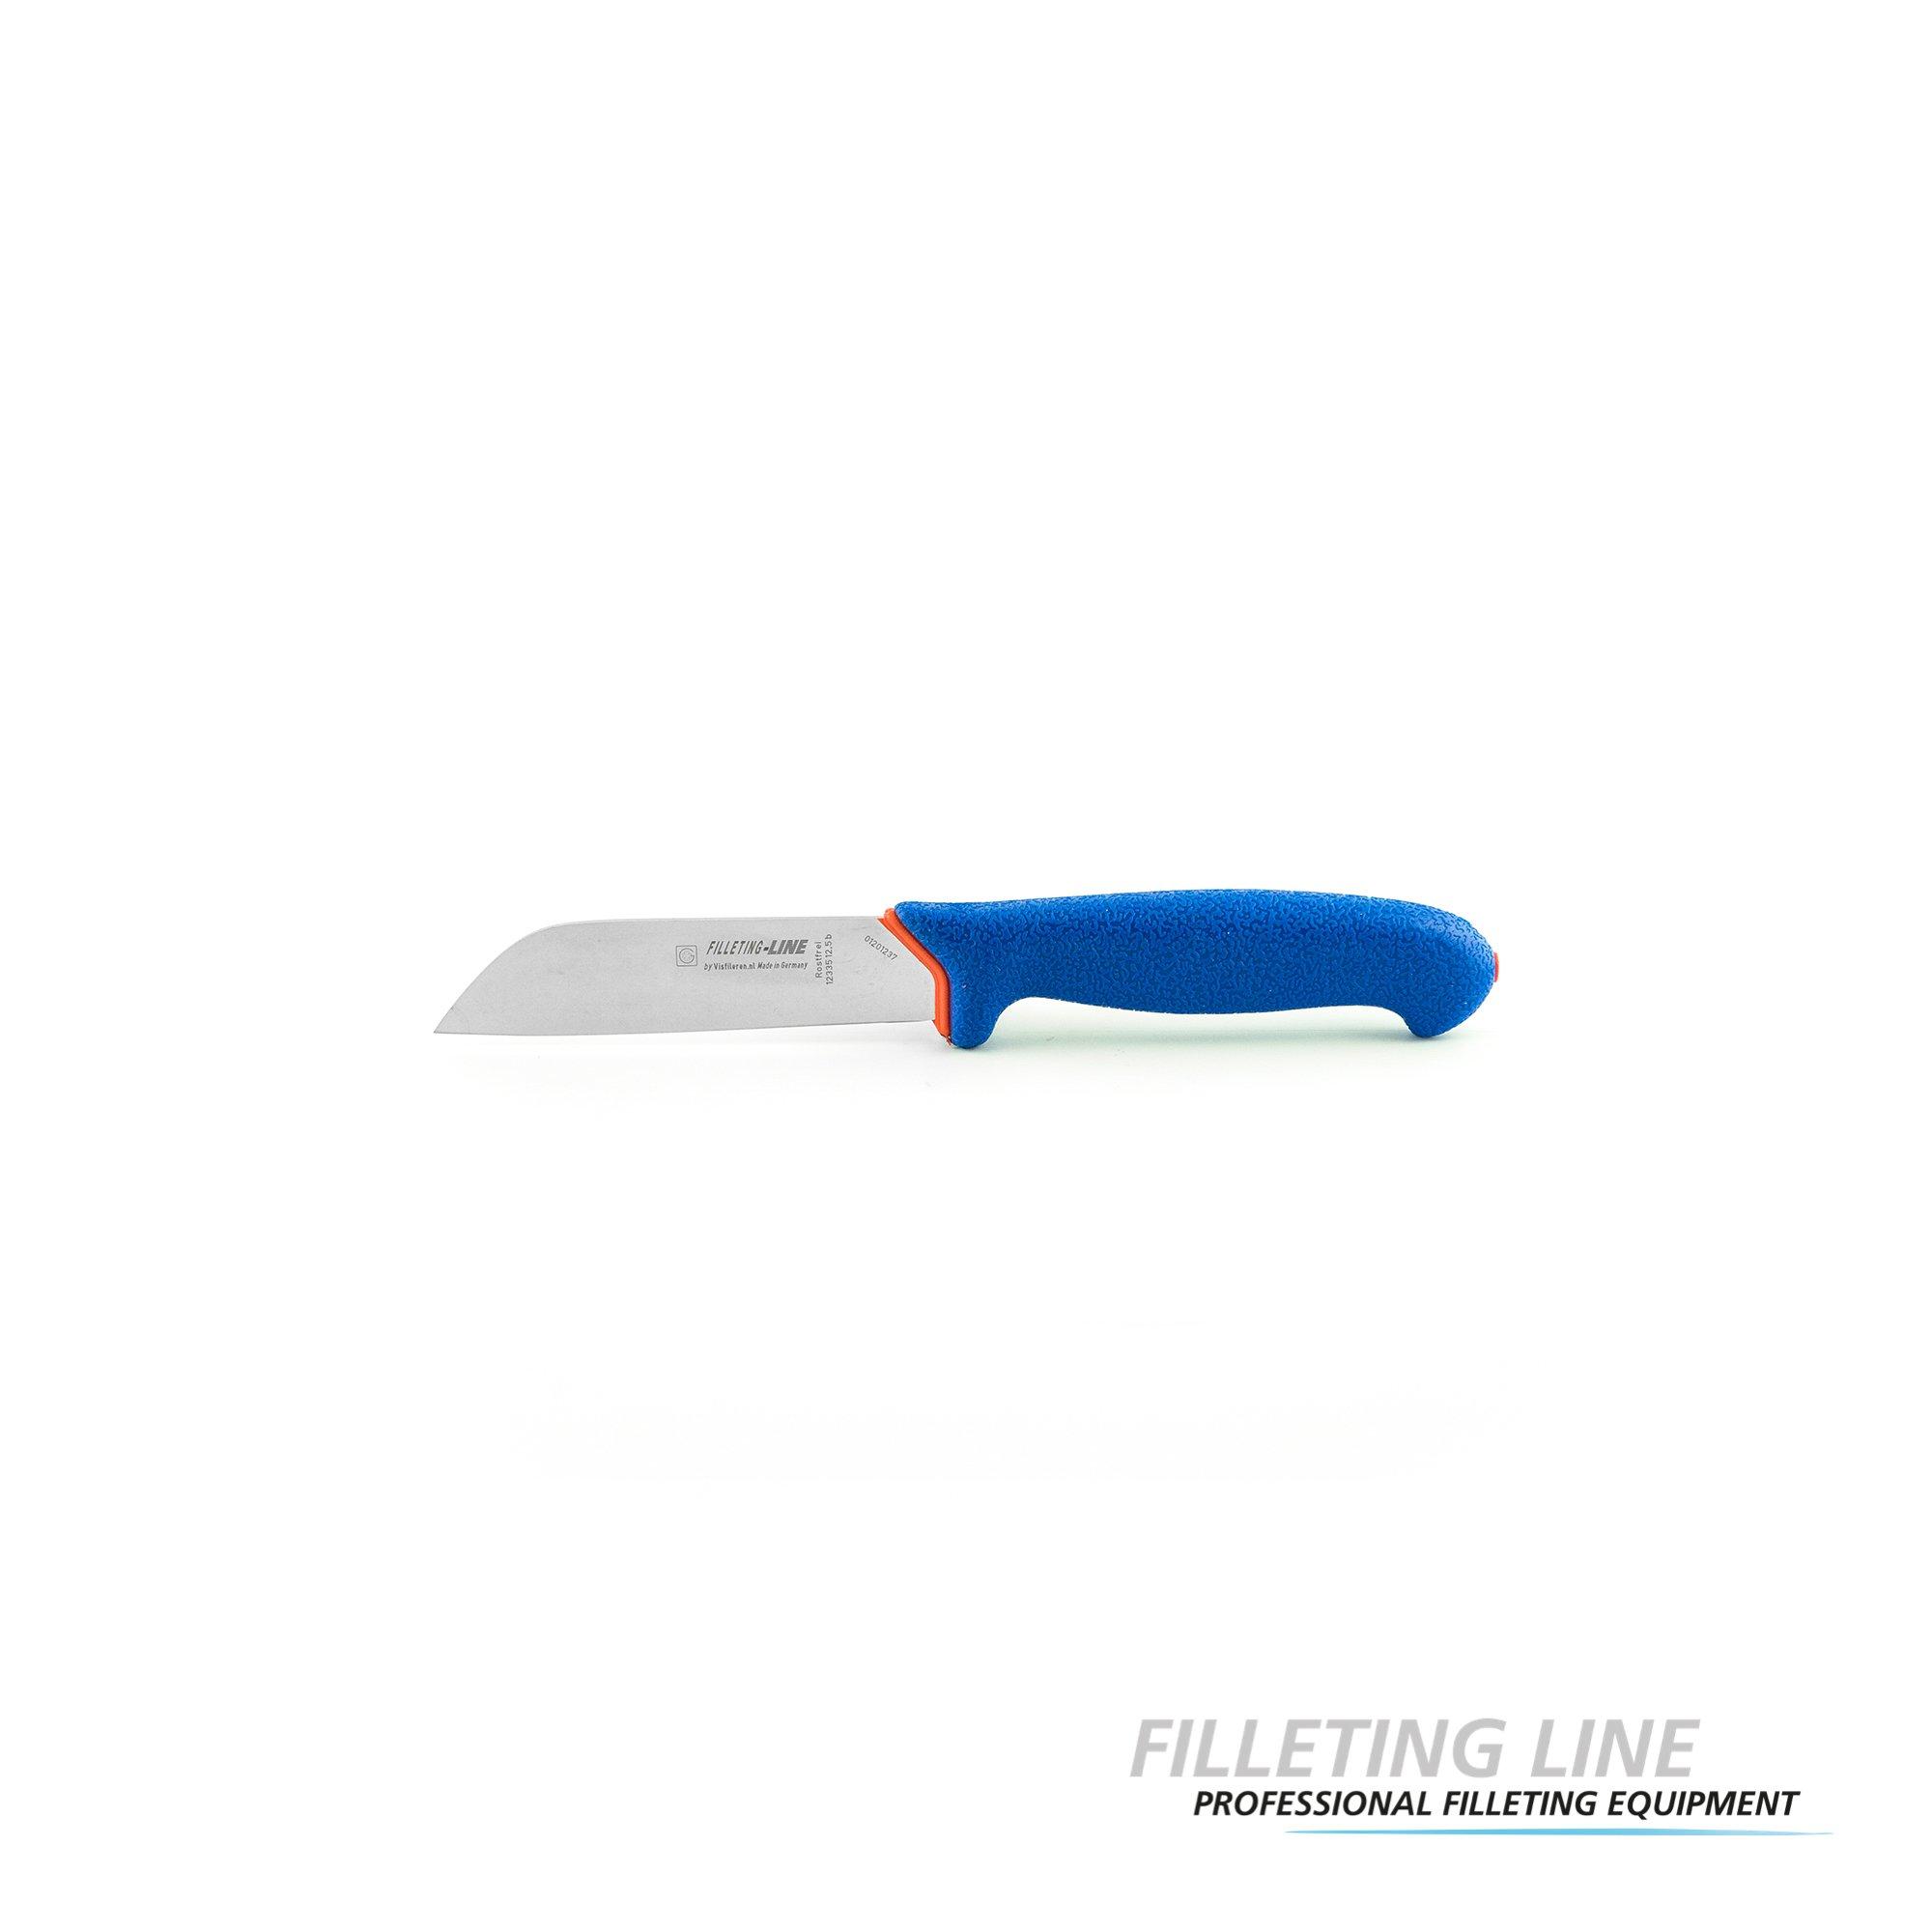 FILLETING LINE_2000x2000_RECHT_logo-4